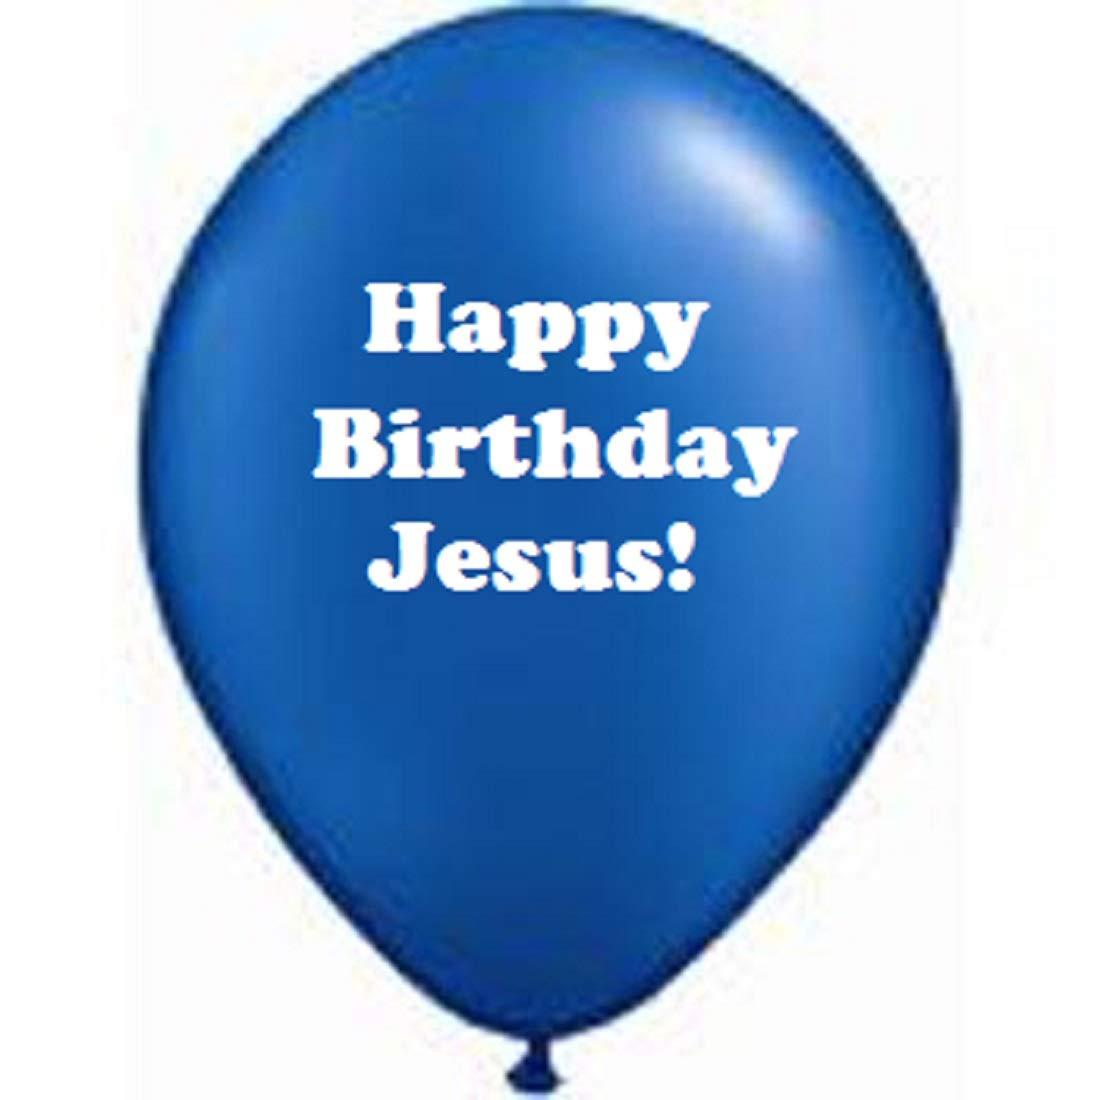 Buy Dozen Happy Birthday Jesus Balloons Online At Low Prices In India